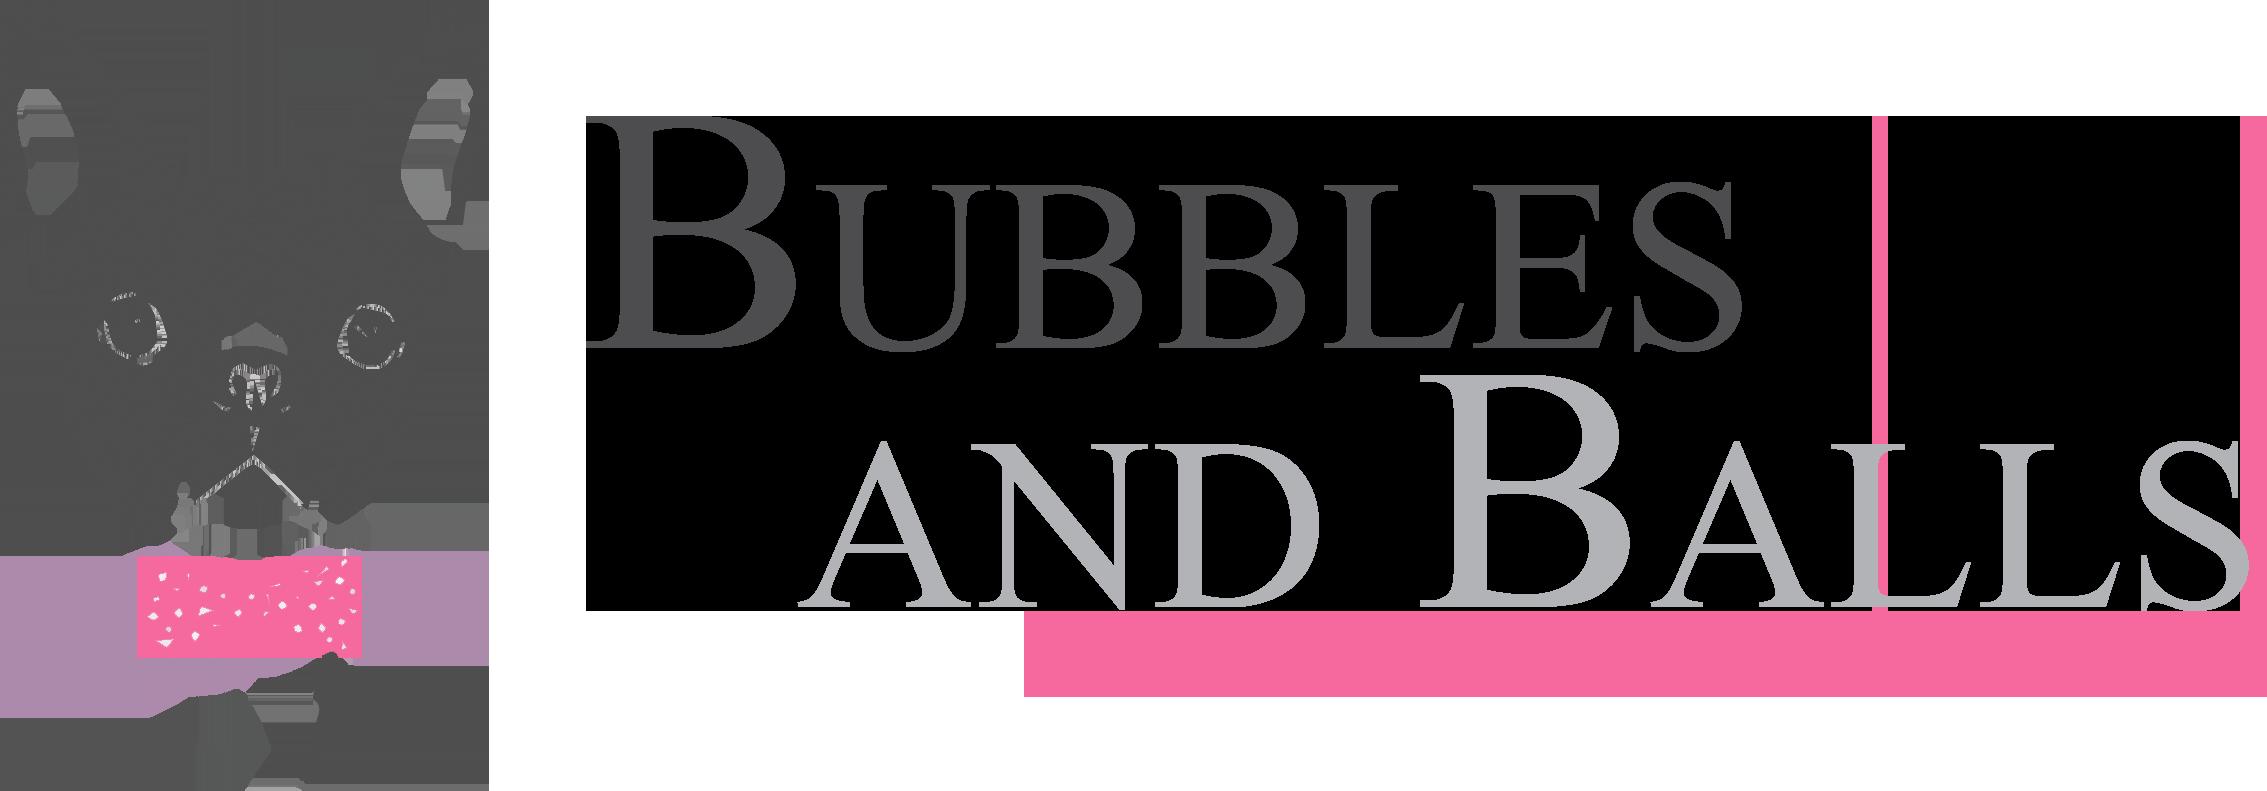 Atlanta pet photographer announces Bubbles & Balls - A Pet Portrait Event fundraiser for rescue dogs.